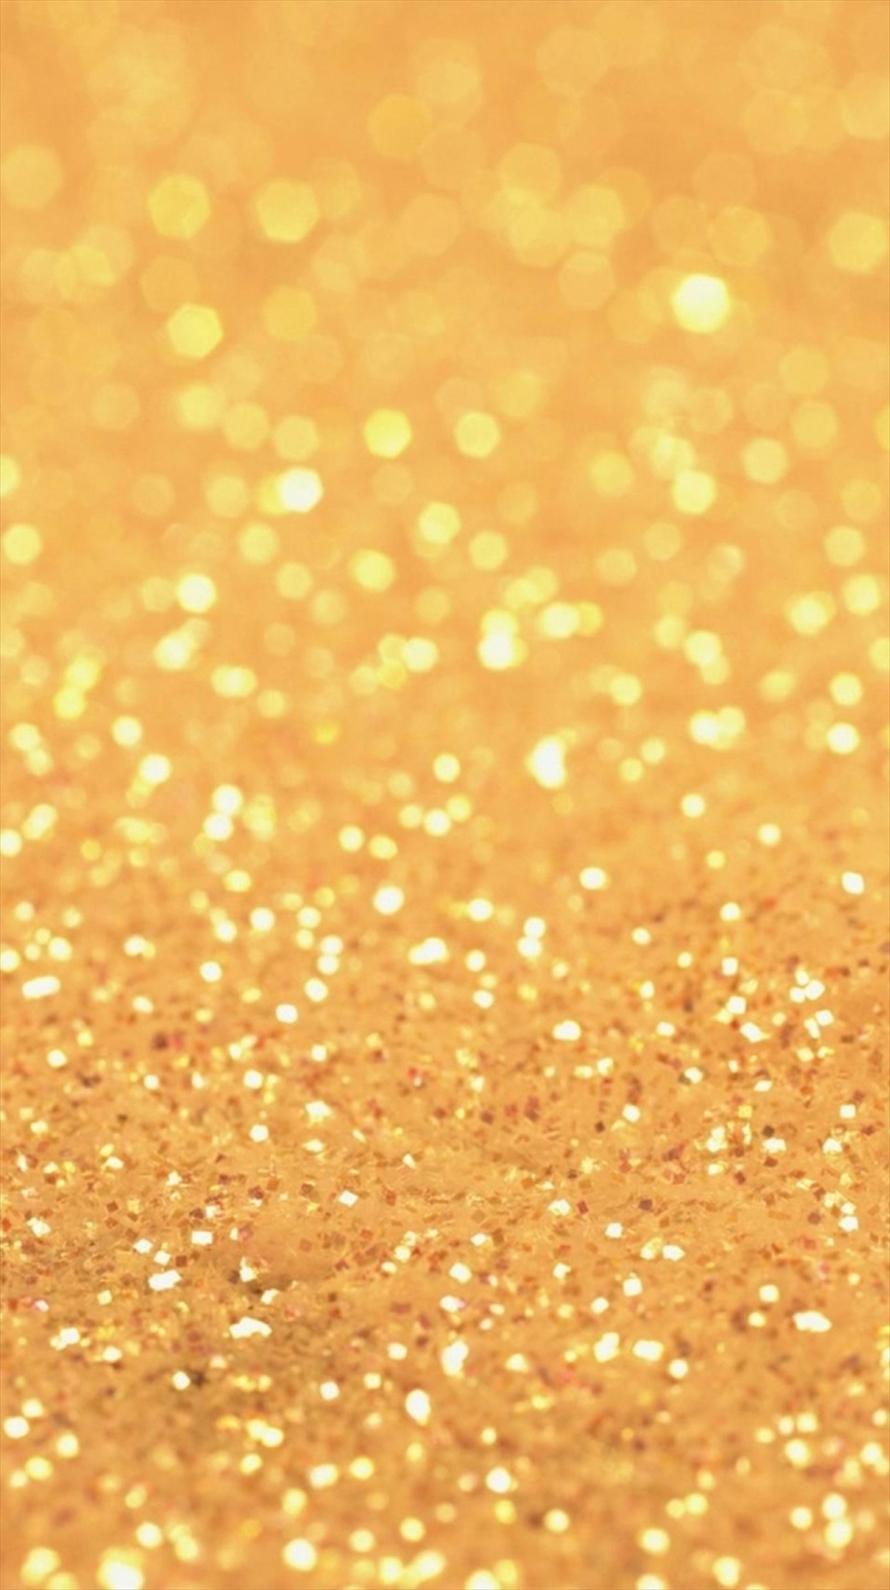 金のキラキラ Iphone6壁紙 Wallpaperbox